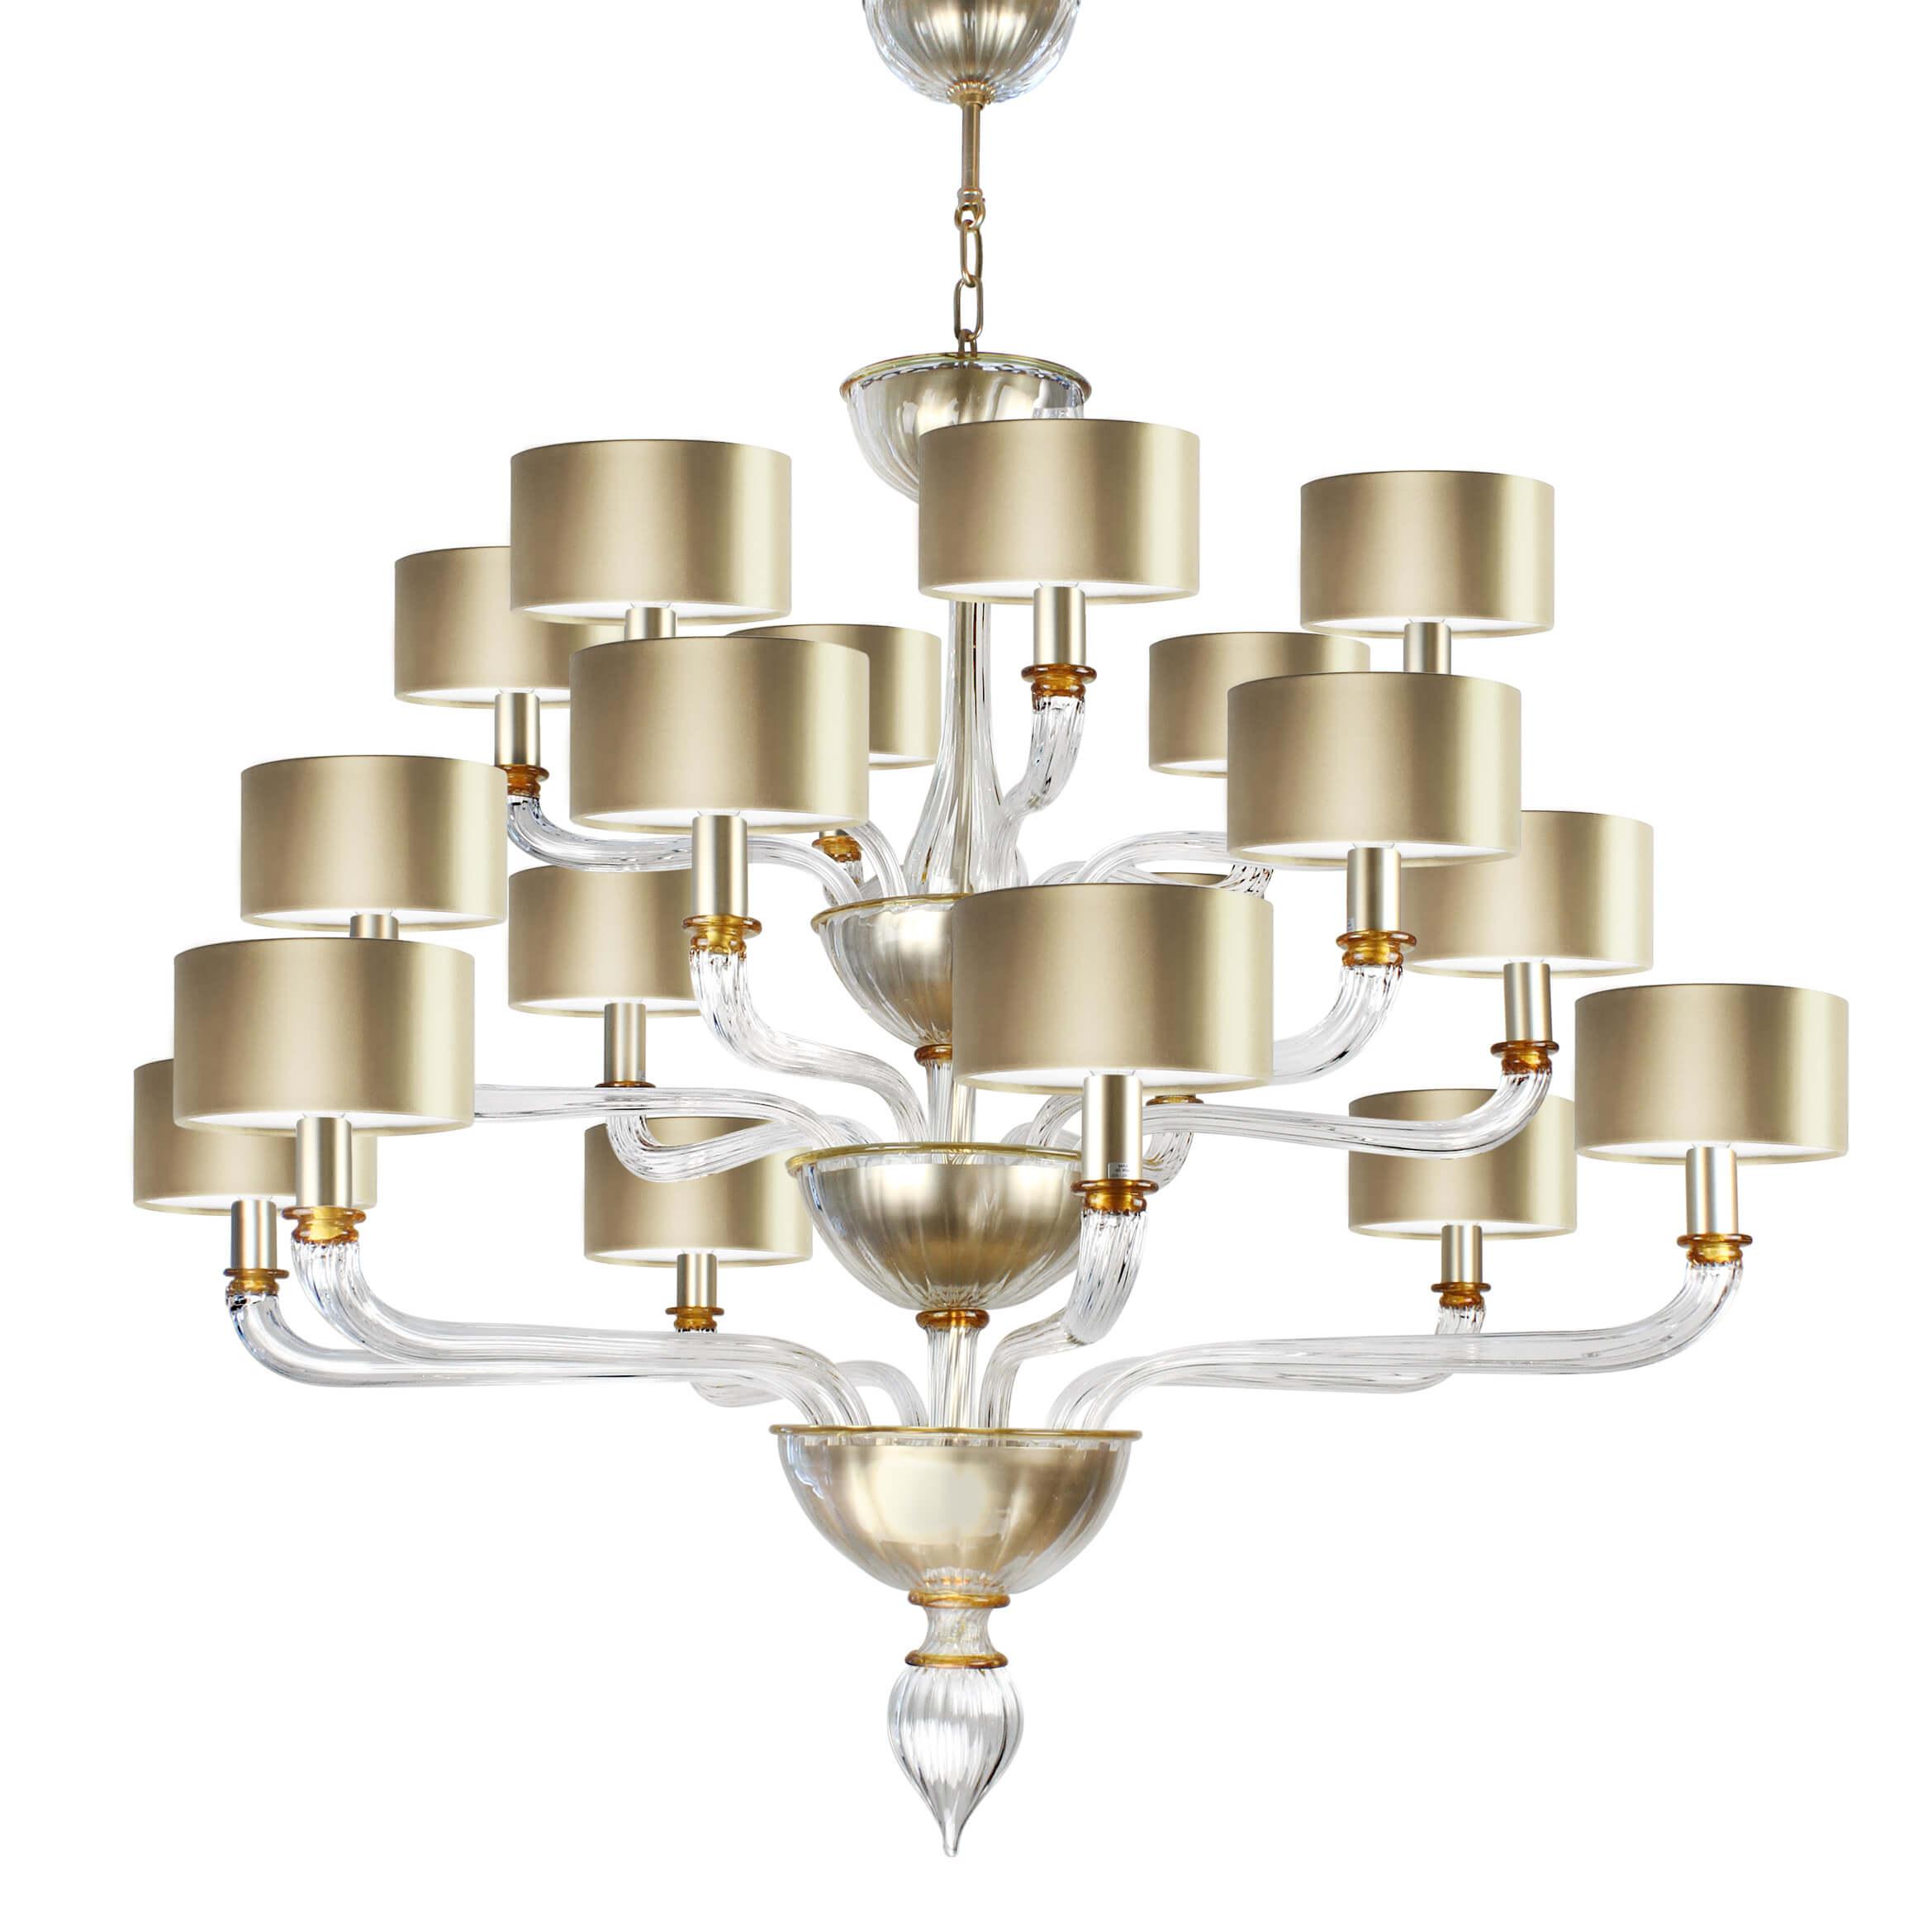 Scala villaverde london villaverde london scala murano chandelier square02 arubaitofo Gallery